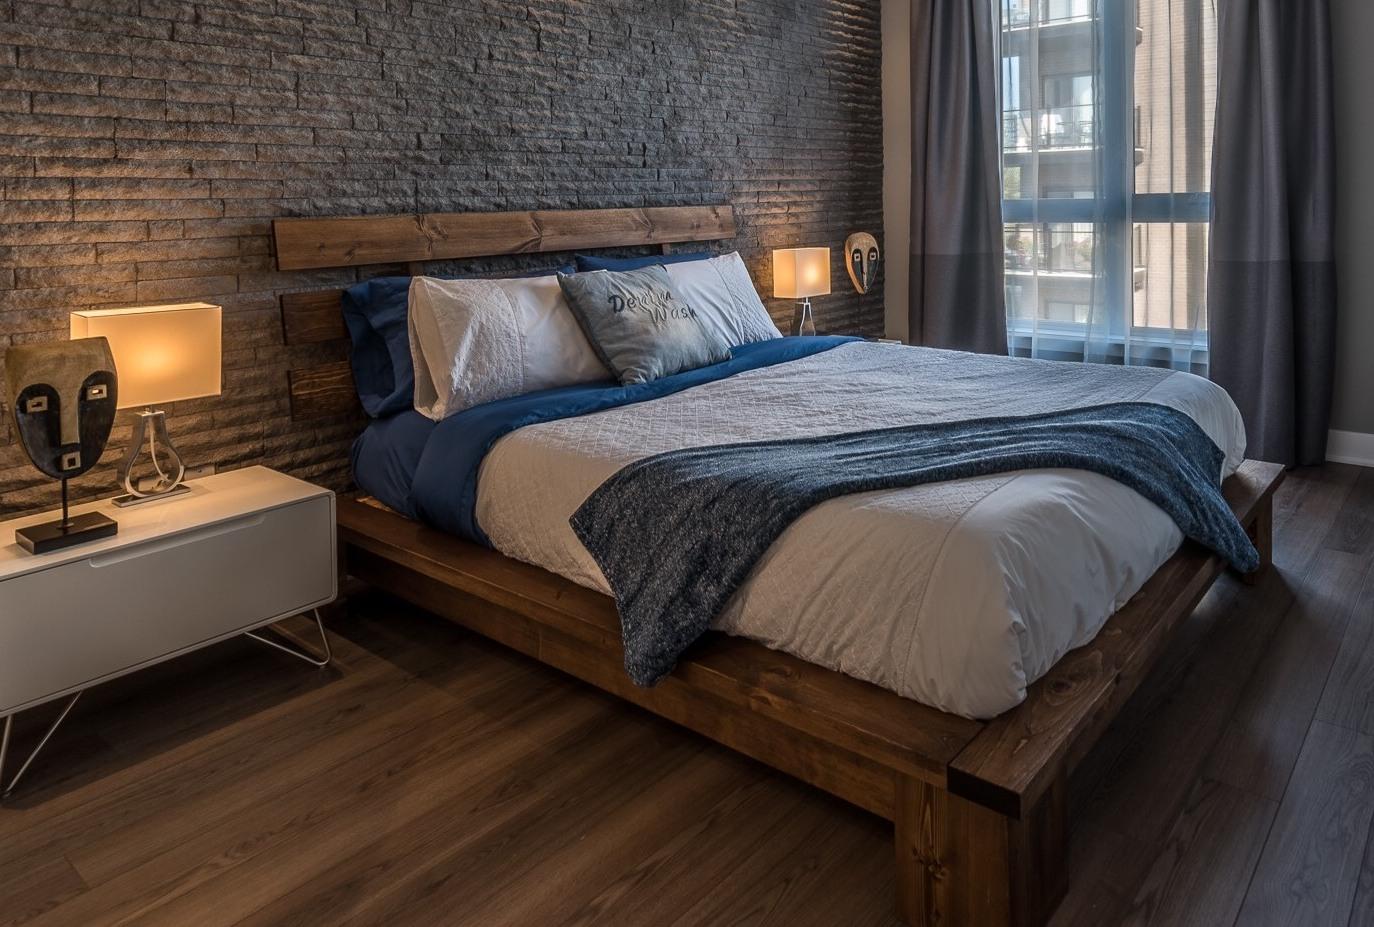 Fabriquer Tete De Lit Planche Bois lit en bois massif item l-2